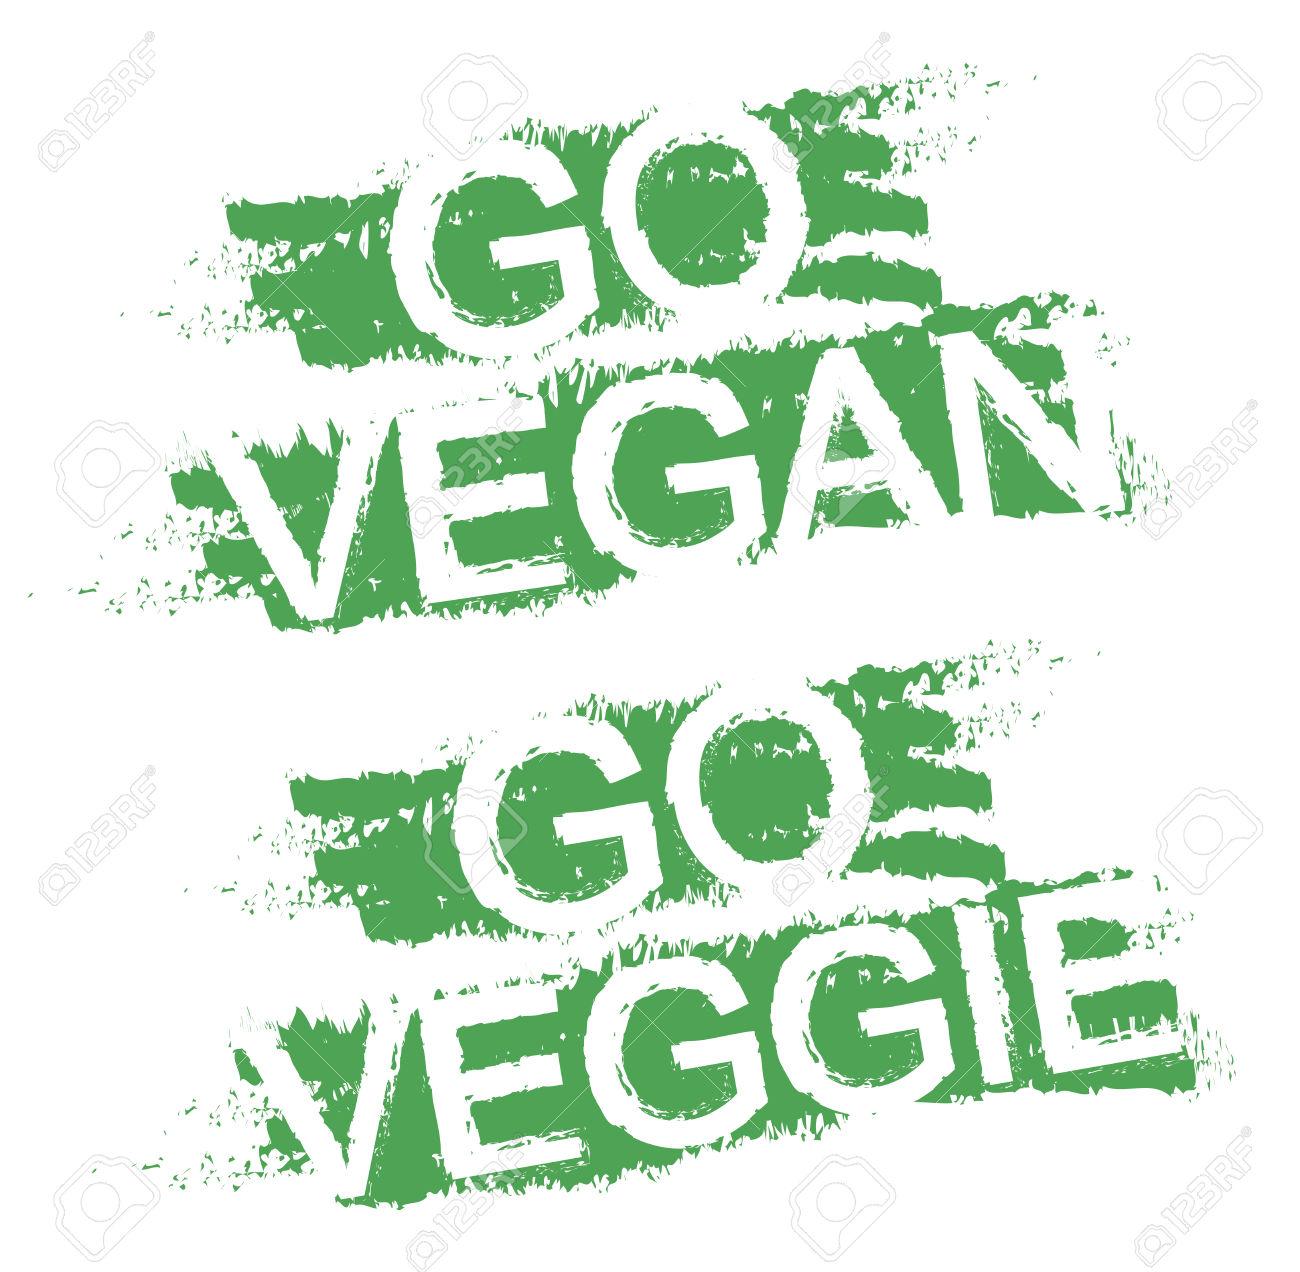 Go Vegan. Go Veggie. Vegetable Diet Grunge Style Scratched Green.